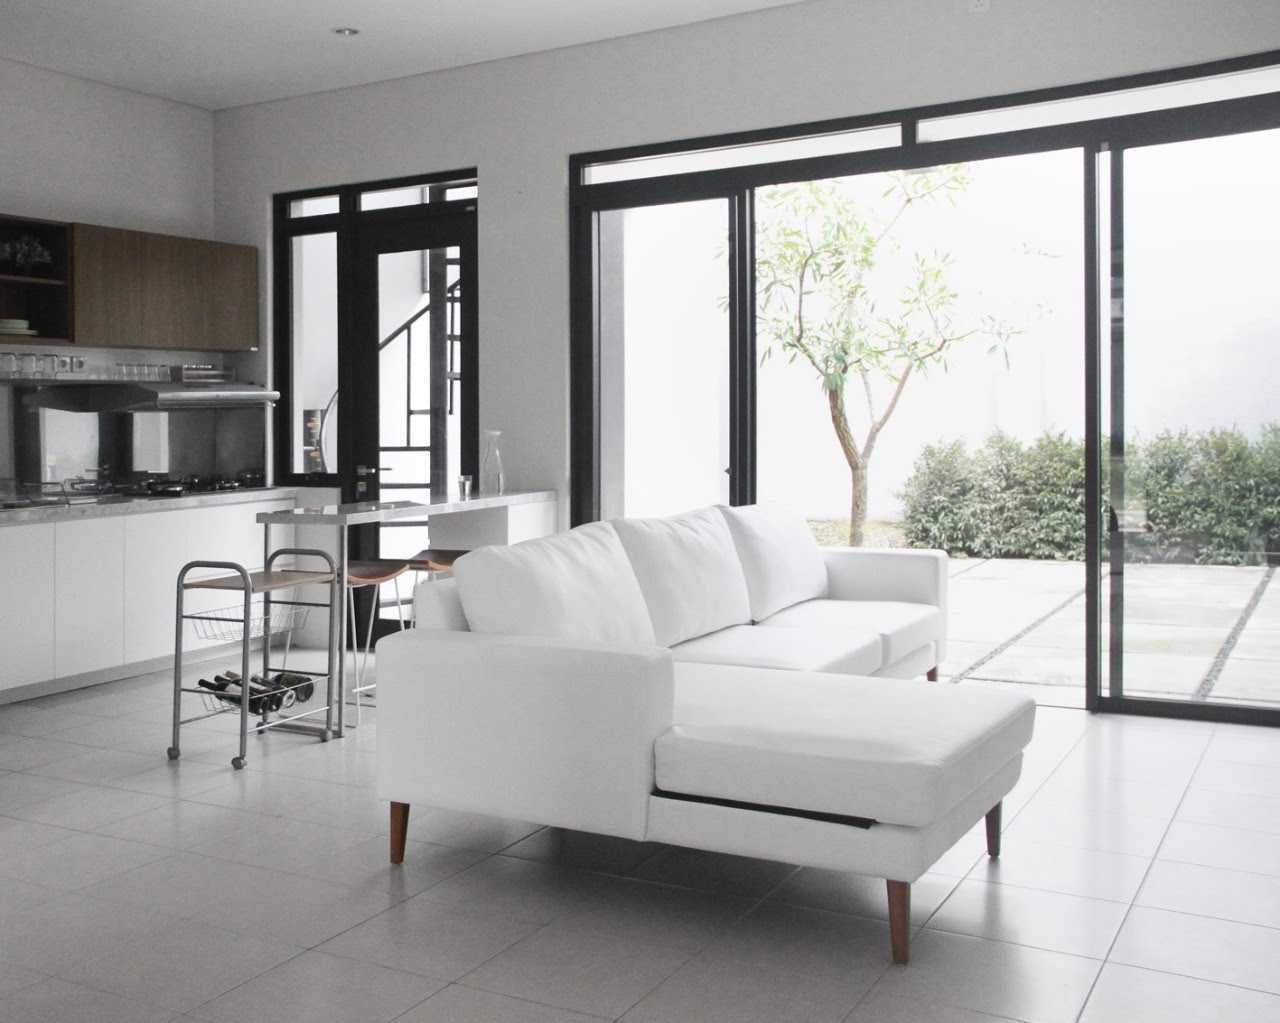 Foto inspirasi ide desain ruang keluarga skandinavia Arkitektid-ajs-backyard oleh arkitekt.id di Arsitag